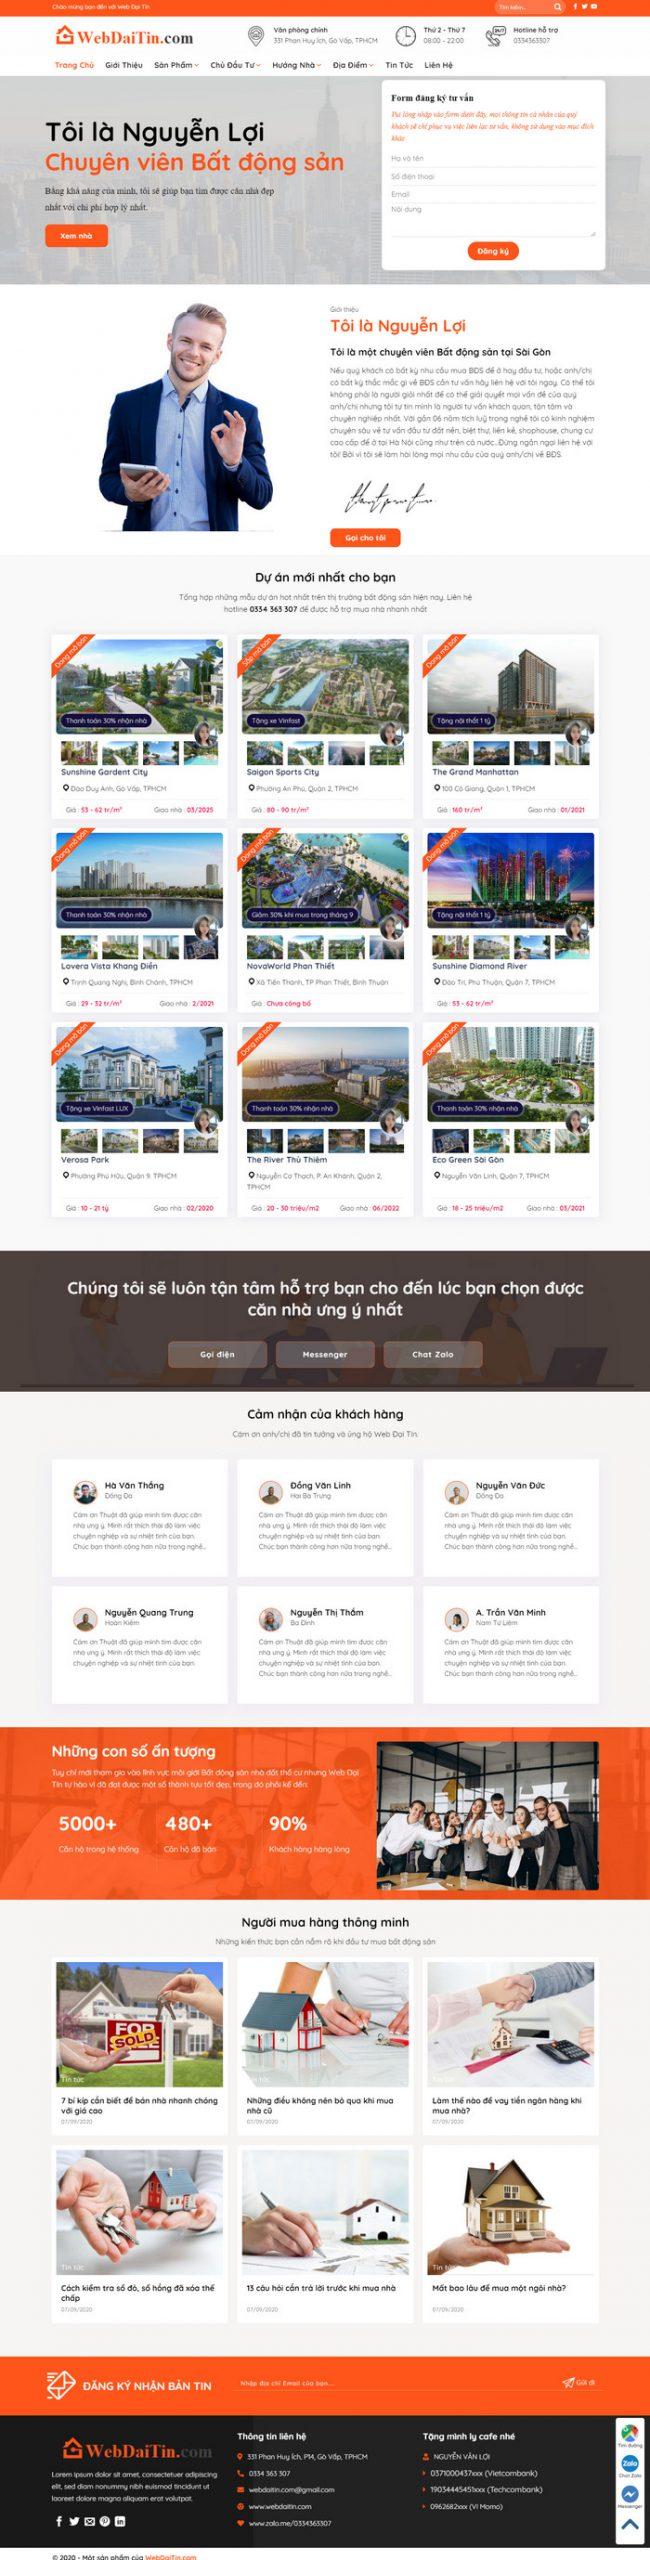 mẫu web bất động sản nhiều dự án cho công ty